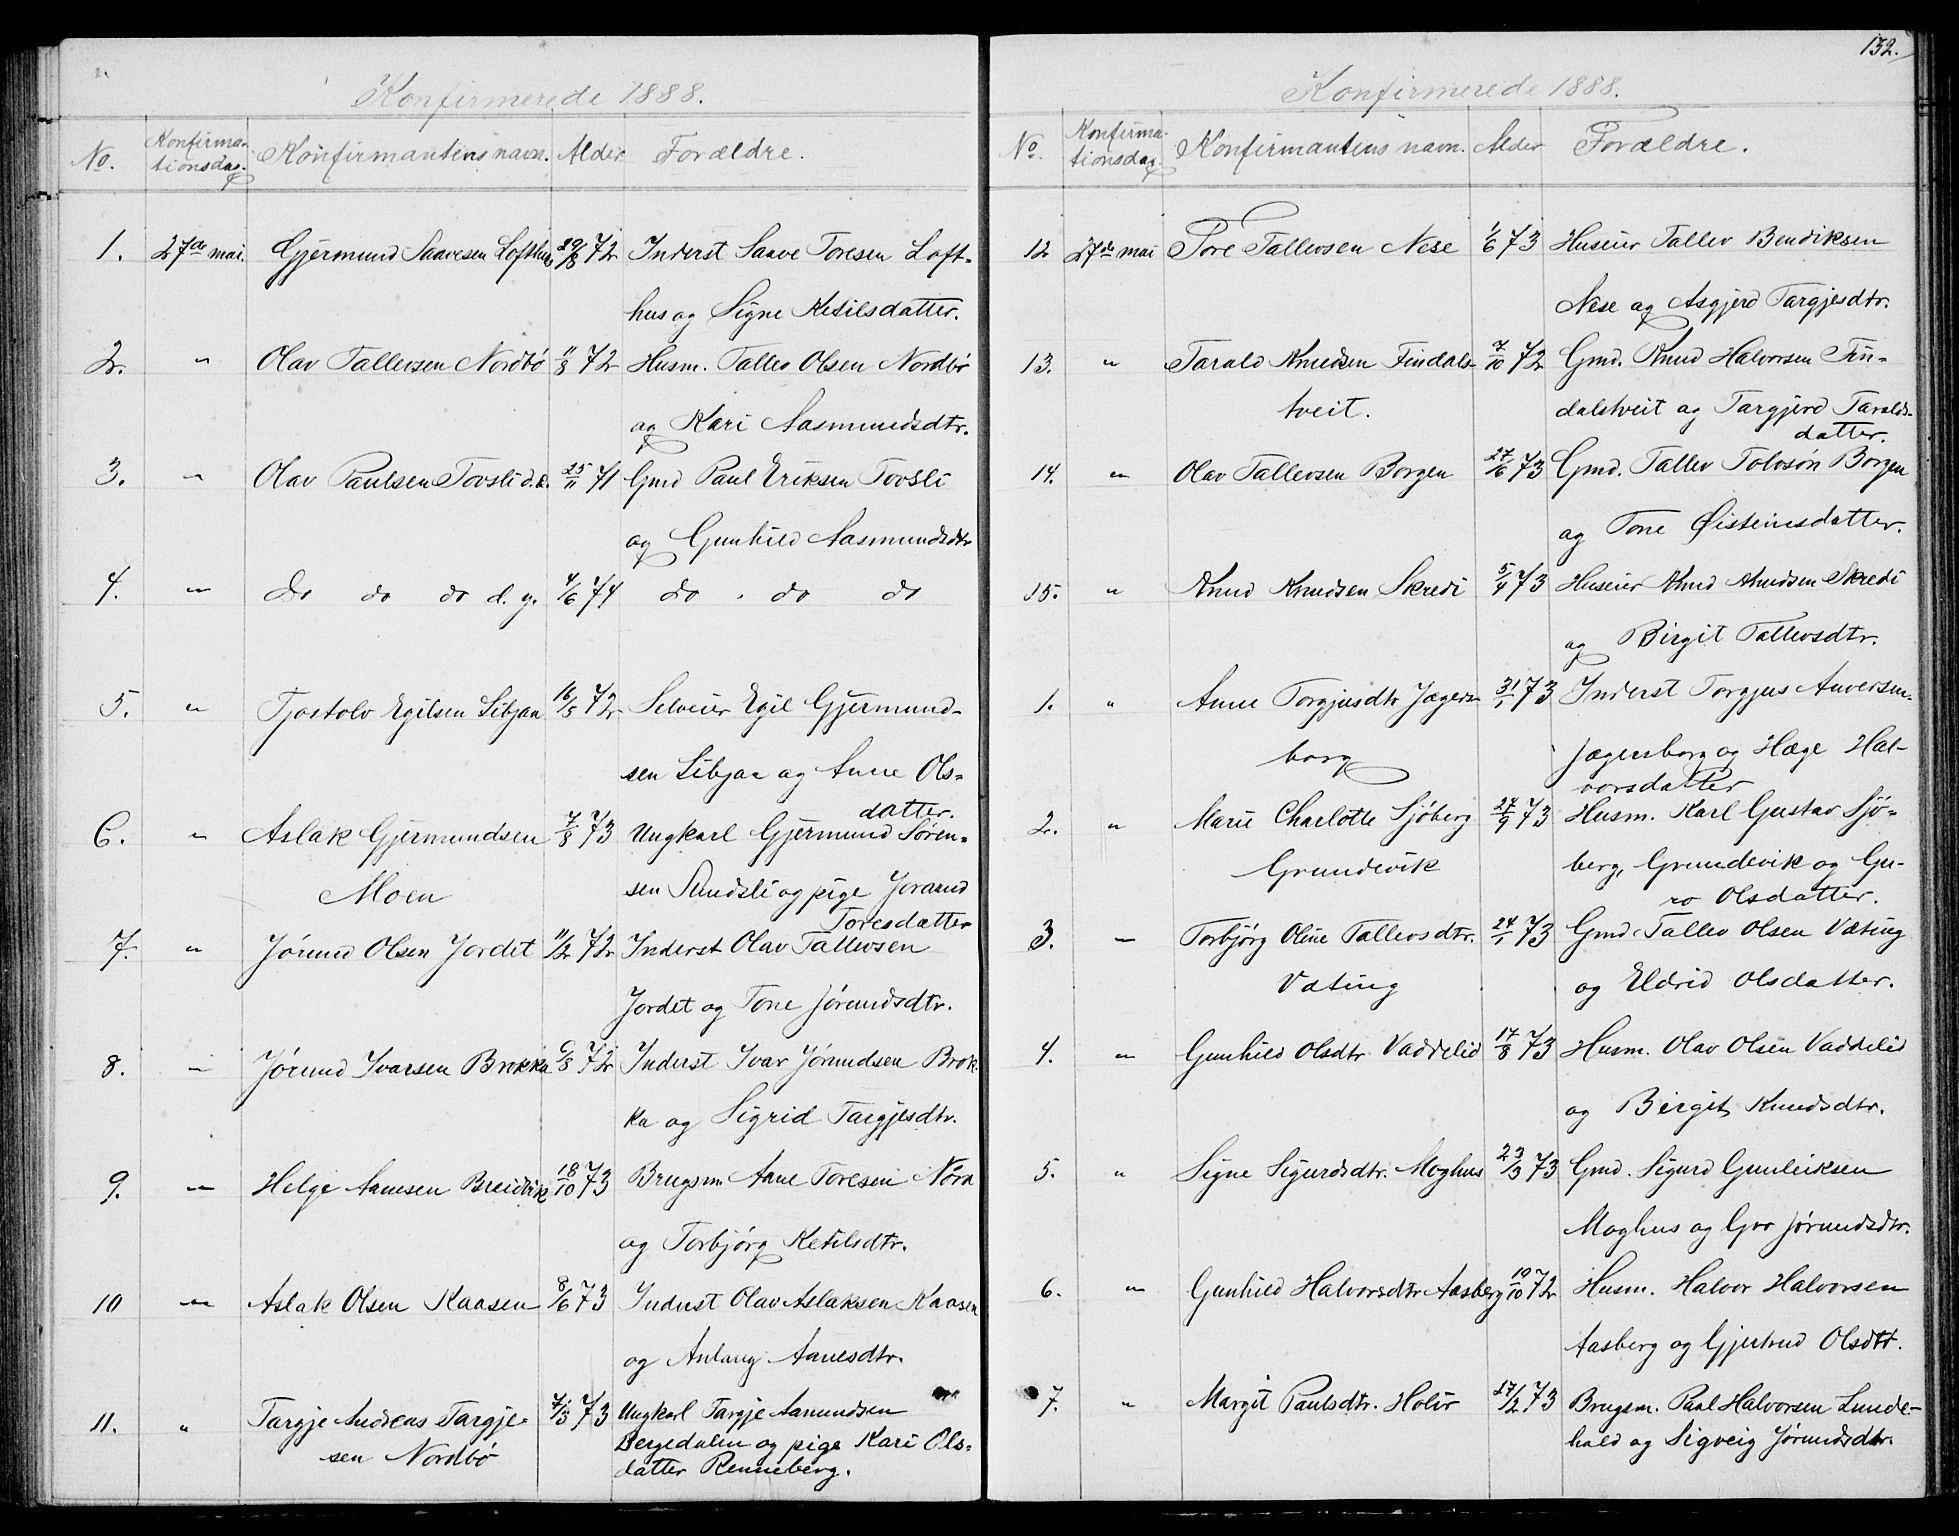 SAKO, Fyresdal kirkebøker, G/Ga/L0004: Klokkerbok nr. I 4, 1864-1892, s. 132